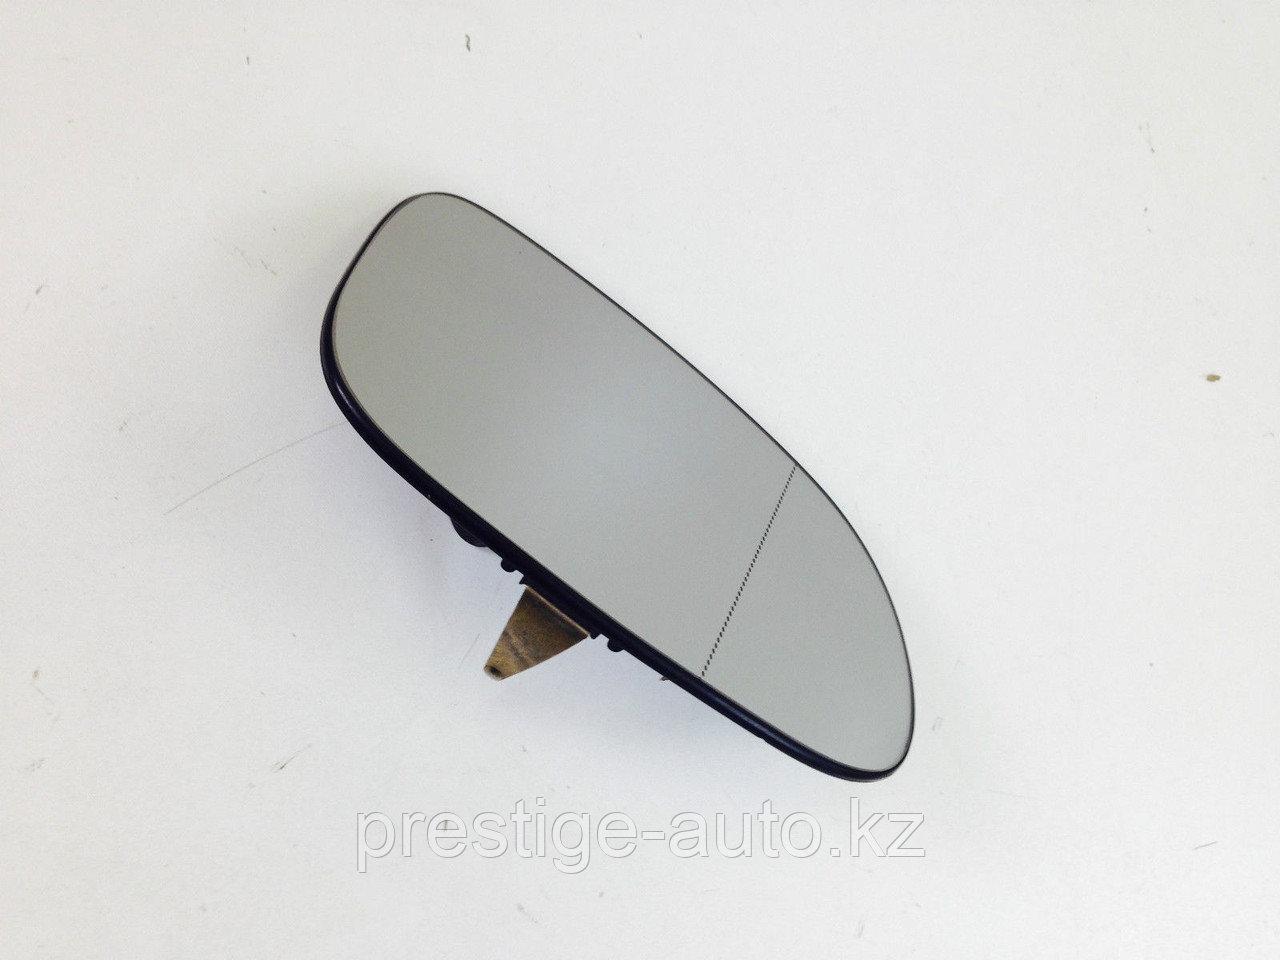 Стекло зеркала R129 SL-Klasse, W168 A-Klasse, R170 SLK-Klasse, A208/C208  CLK-Klasse Cabrio/Coupé